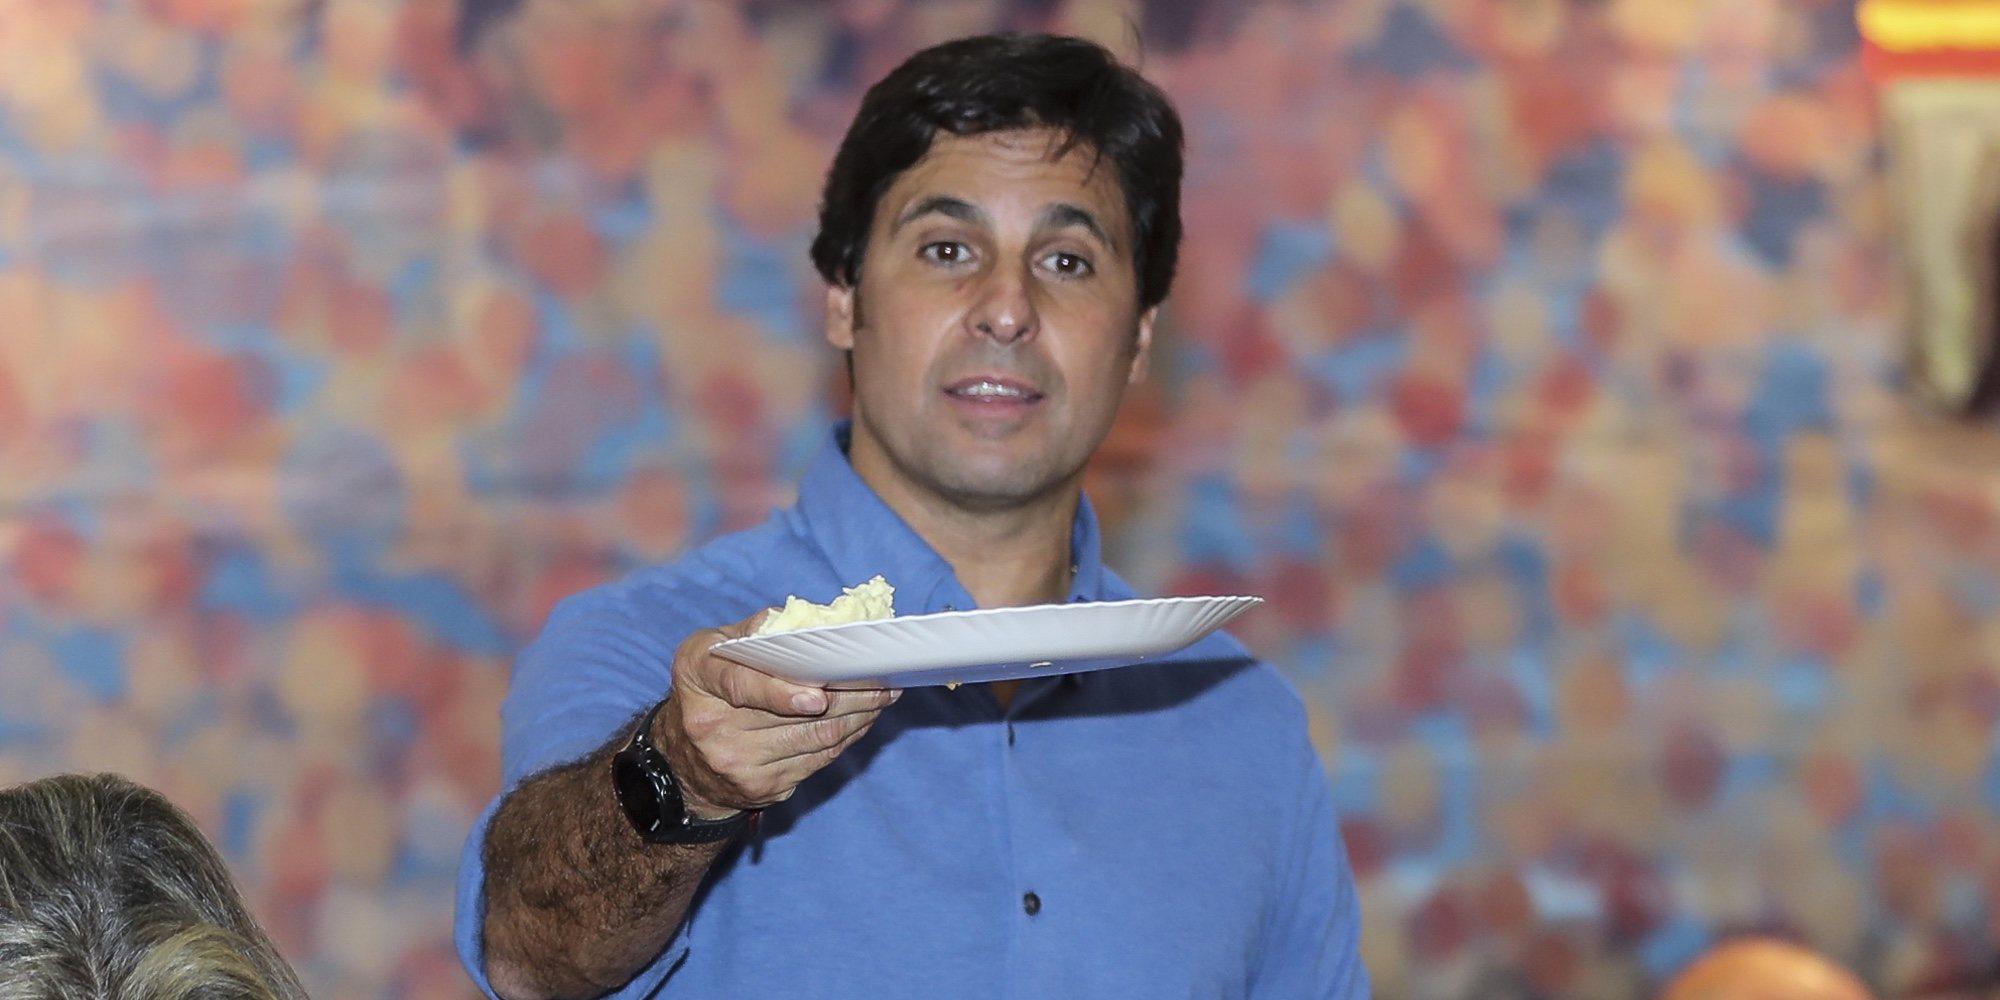 Francisco Rivera se convierte en camarero por un día en una cena benéfica del Rastrillo Nuevo Futuro 2018